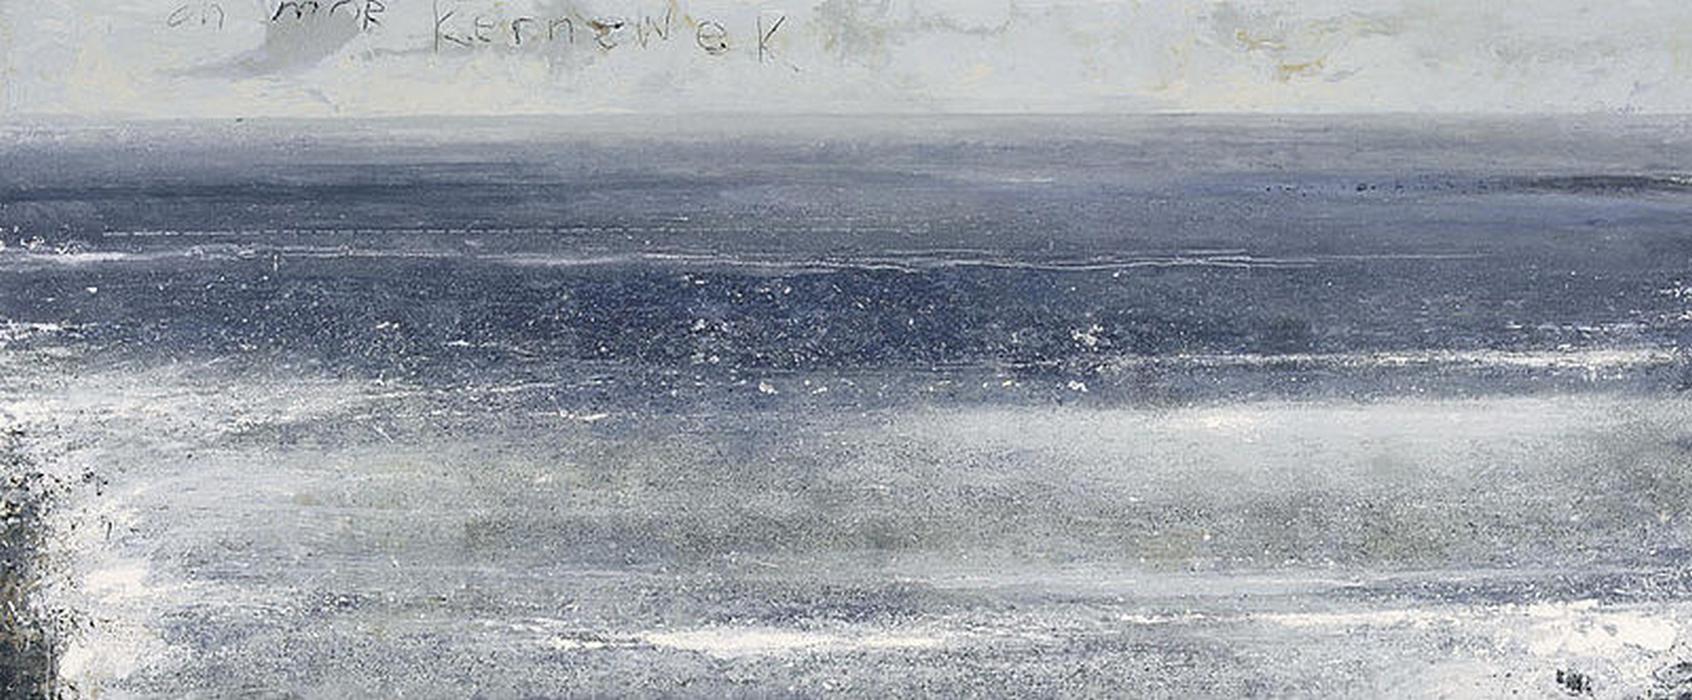 курт джэксон р. 1961 шотландия80.jpg